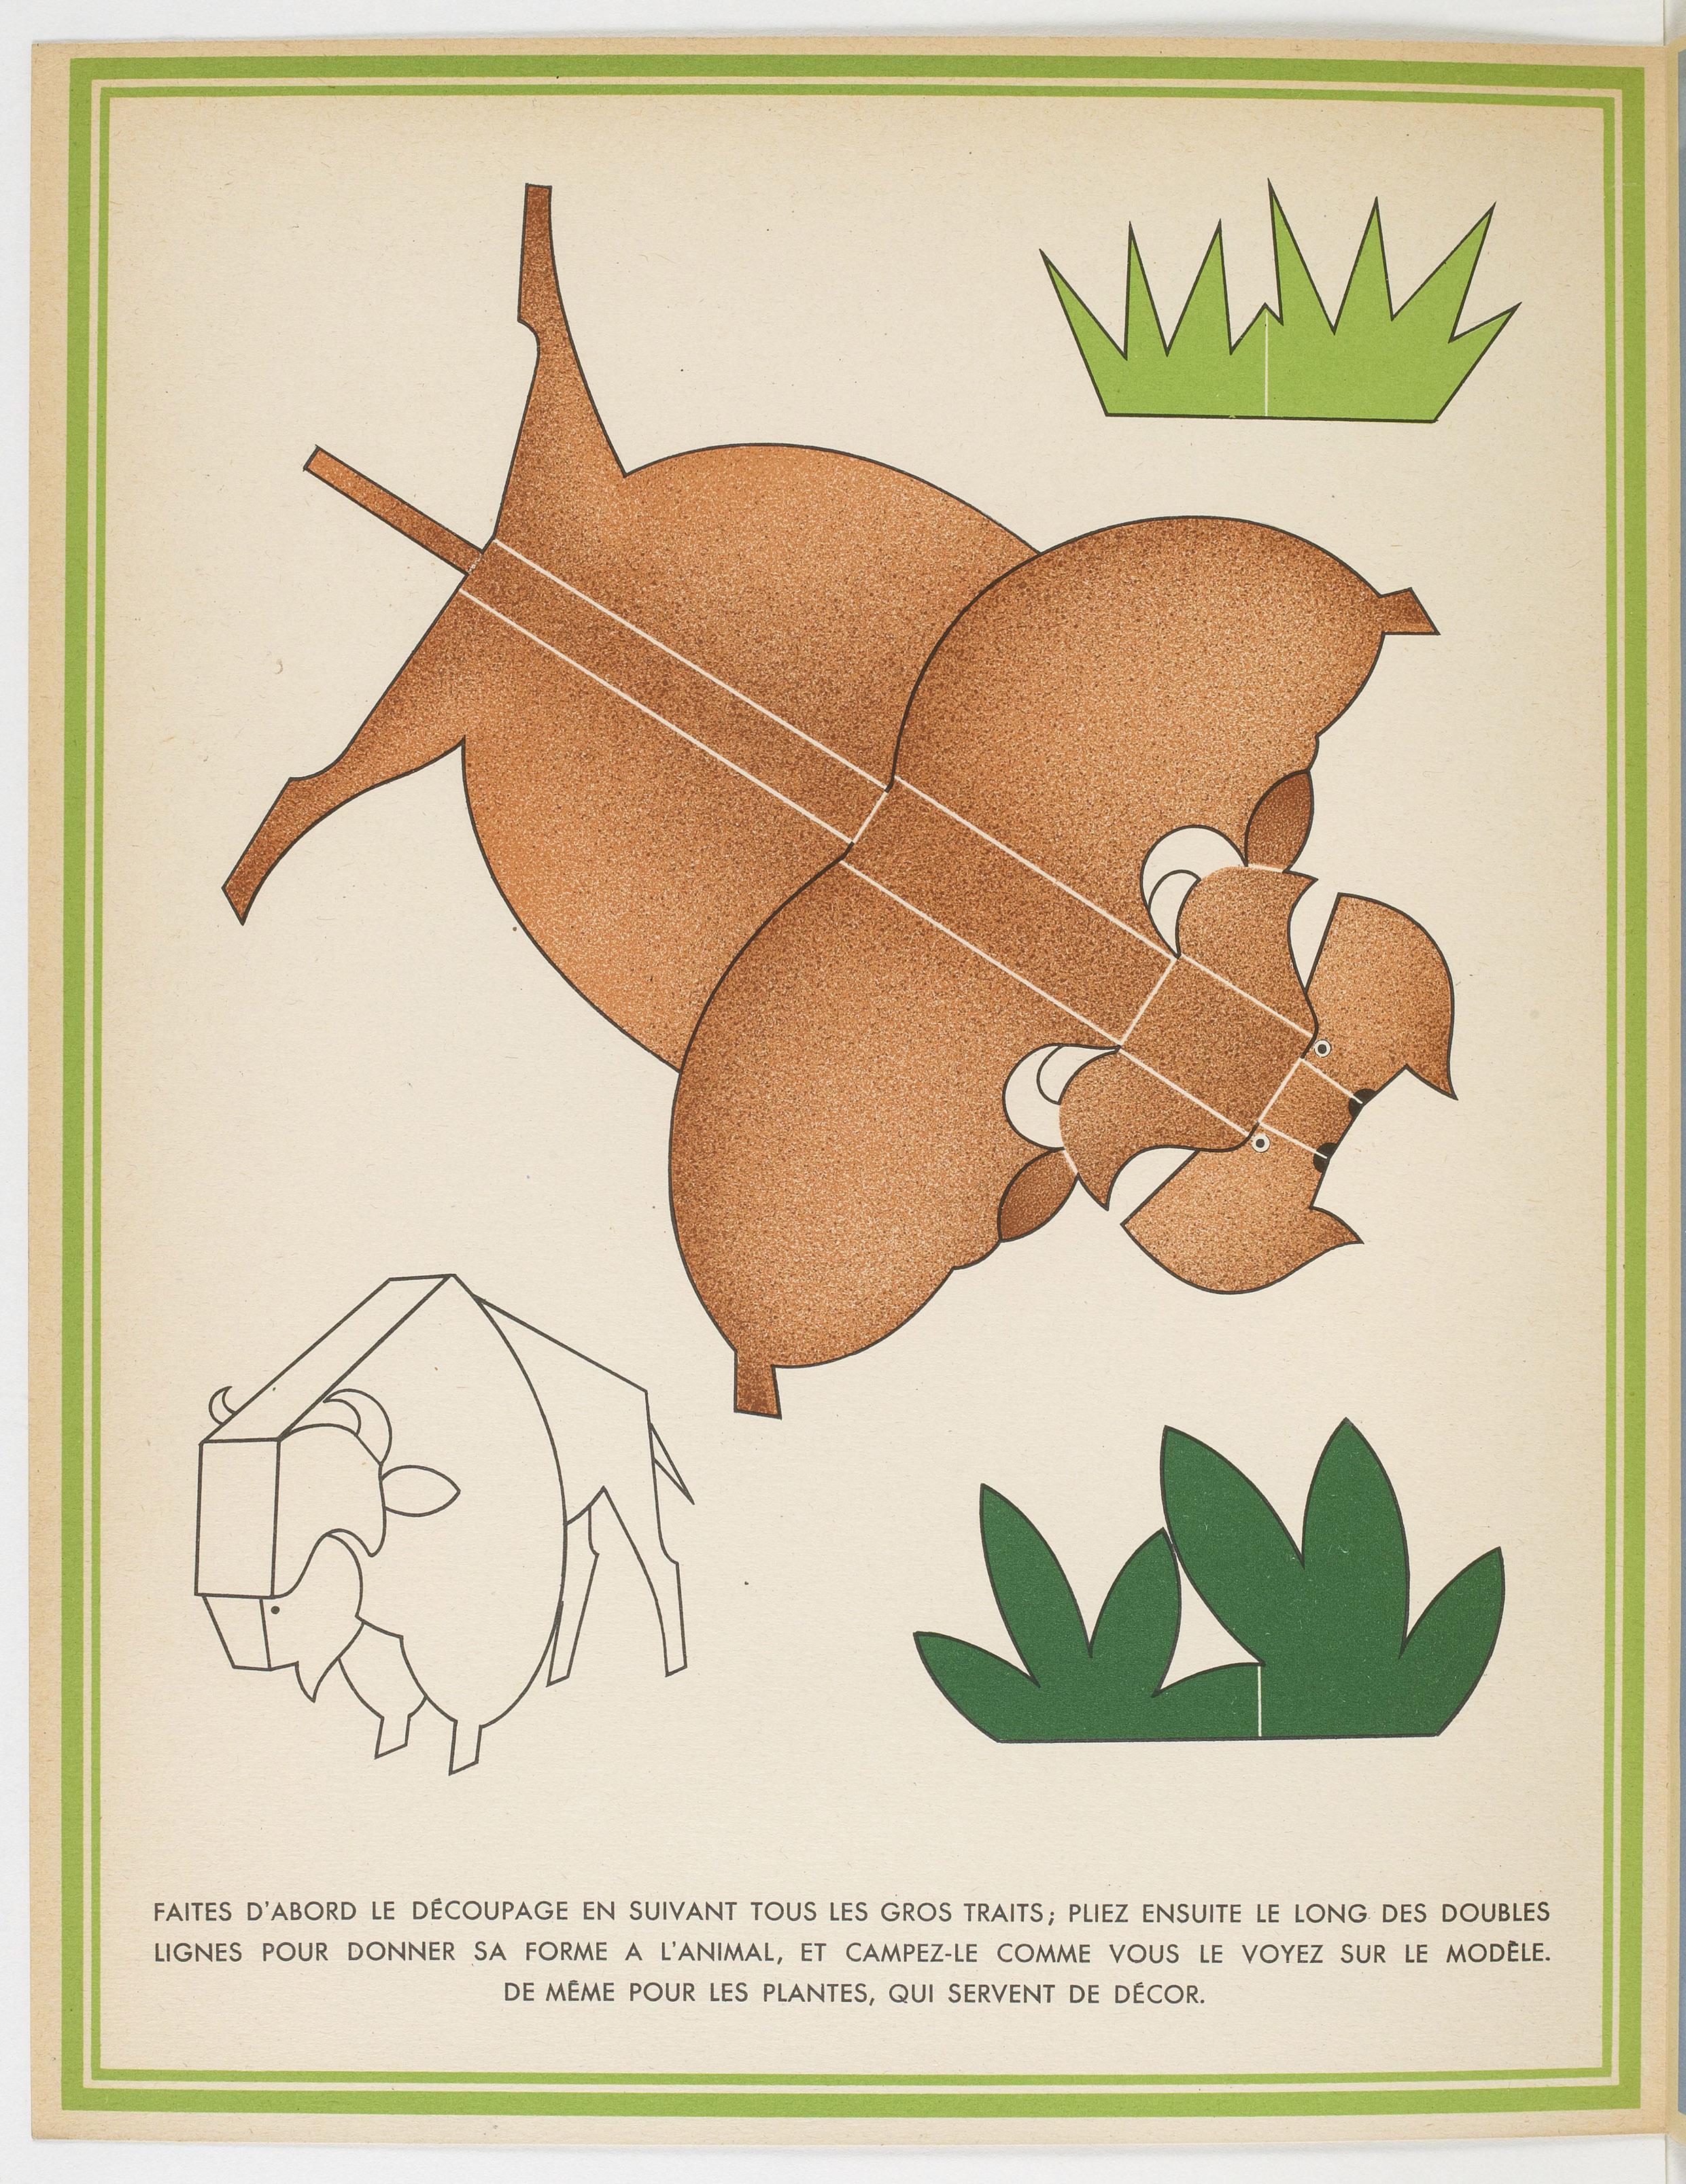 La Jungle chez moi : Série de 8 images et découpages à plier sans collage / Dessins de Turenne Chevallereau  ark:/12148/btv1b8556538q